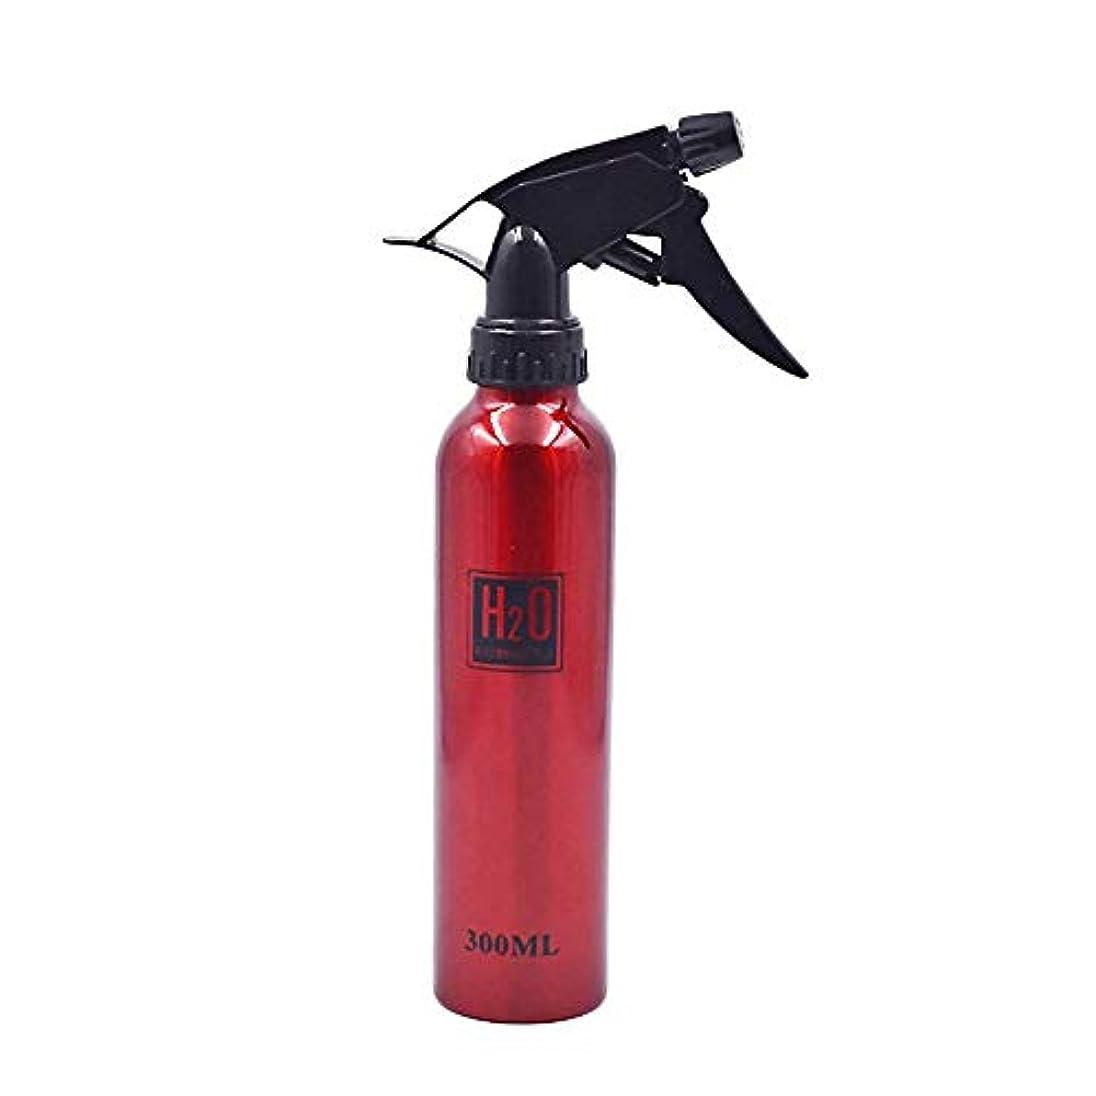 ミュージカル一次厚くするOnior 実用 アルミニウム 噴霧瓶 ネブライザー 化粧品 水 サロンヘア 洗剤使用 1枚 (赤 300ml)